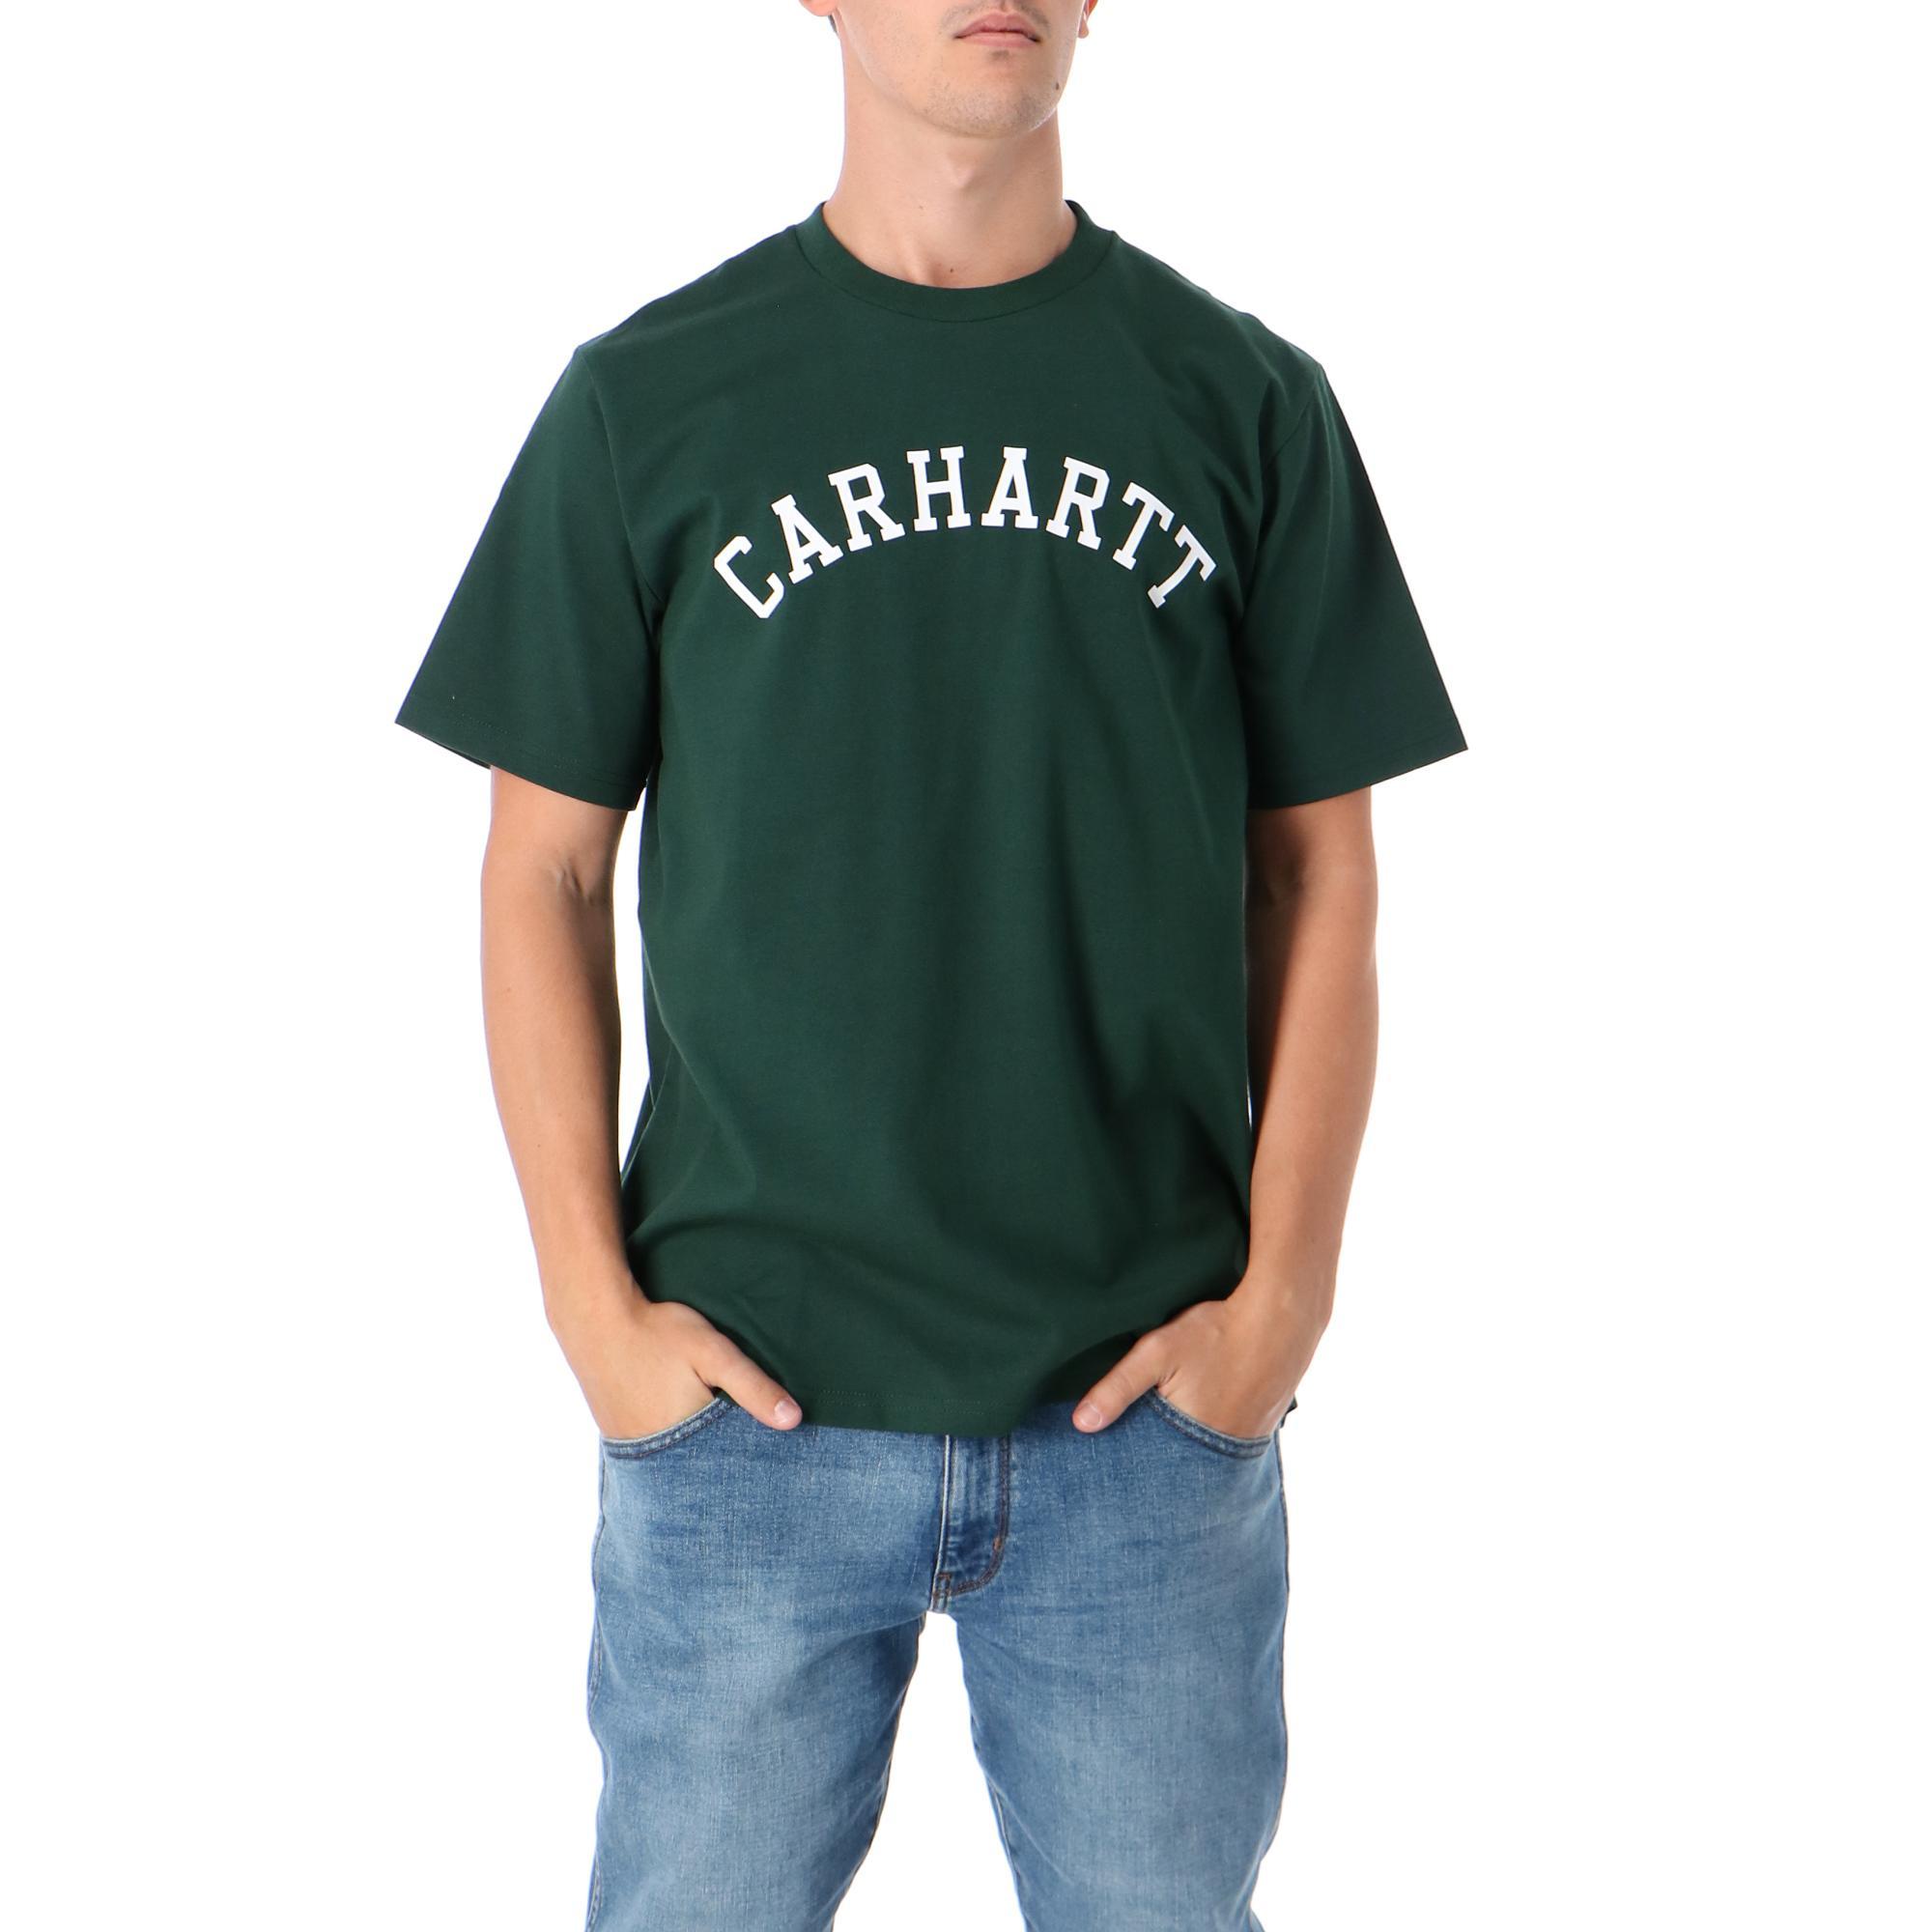 Carhartt S/s University T-shirt Bottle green white